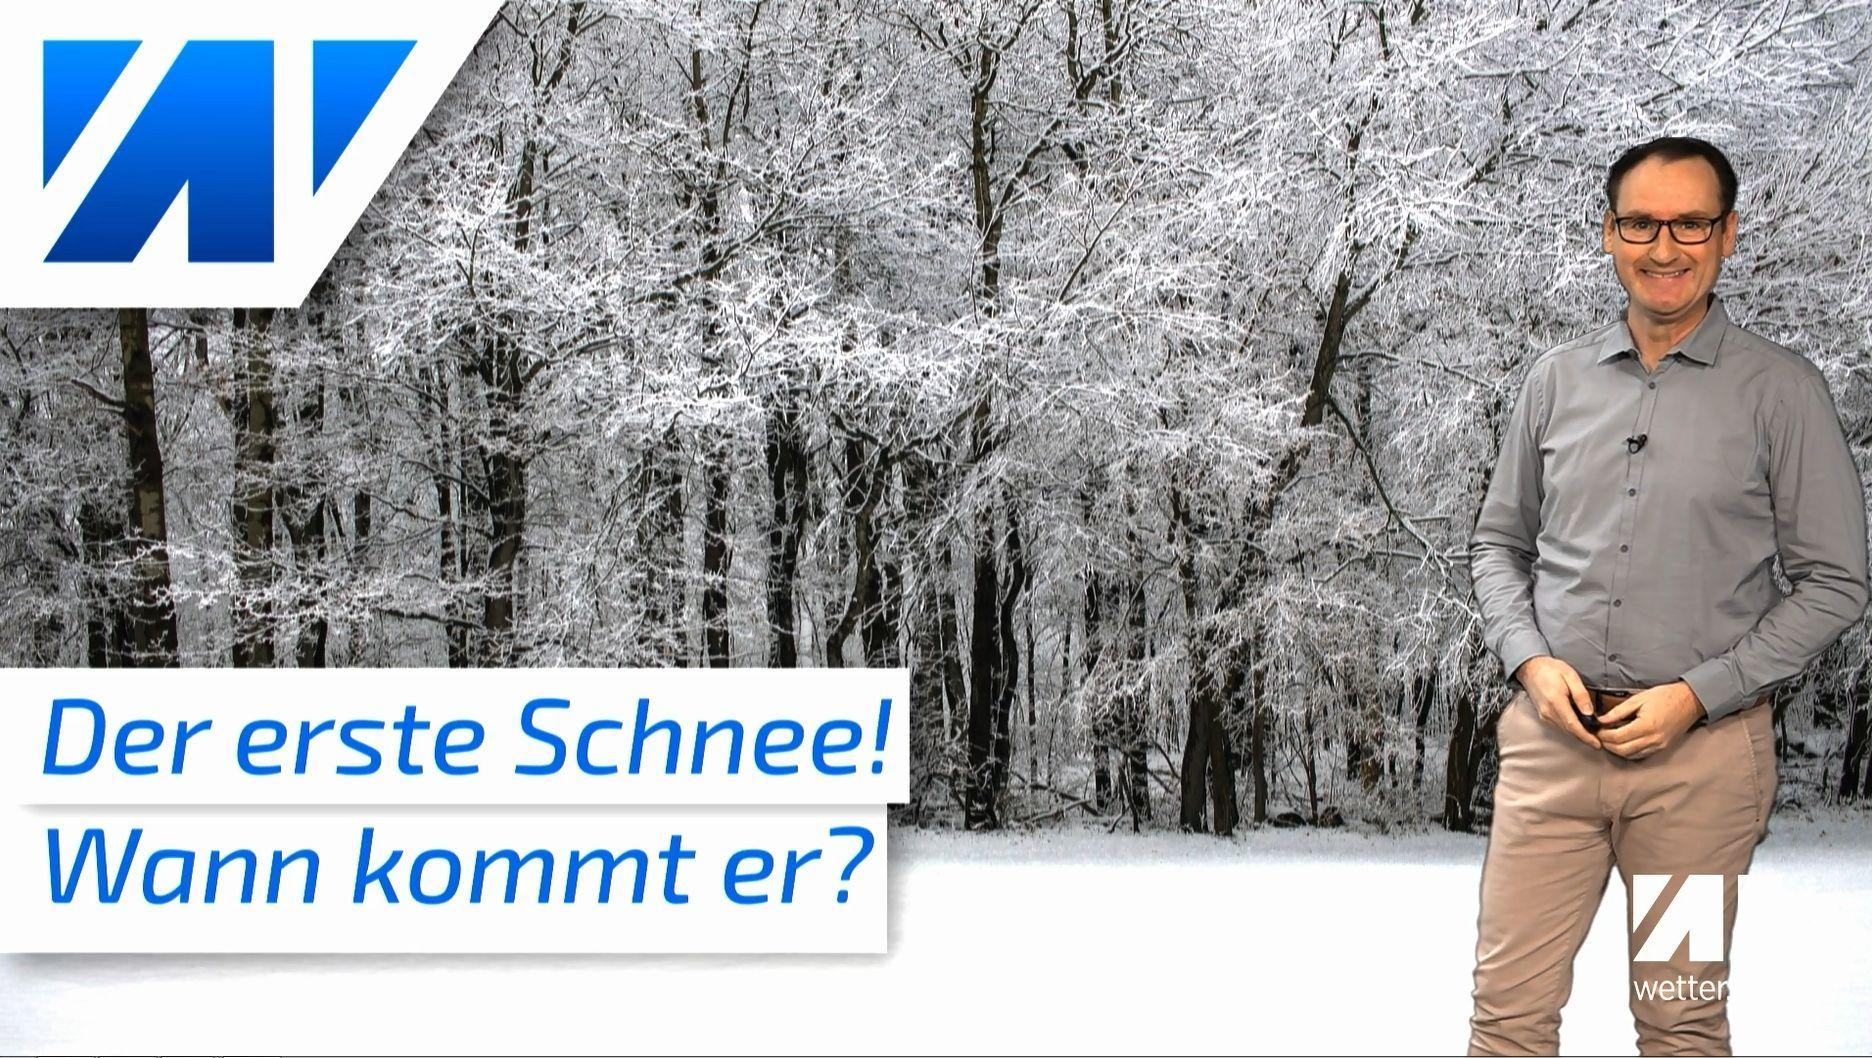 Endlich der erste Schnee: Wann kommt er zu uns nach Deutschland?